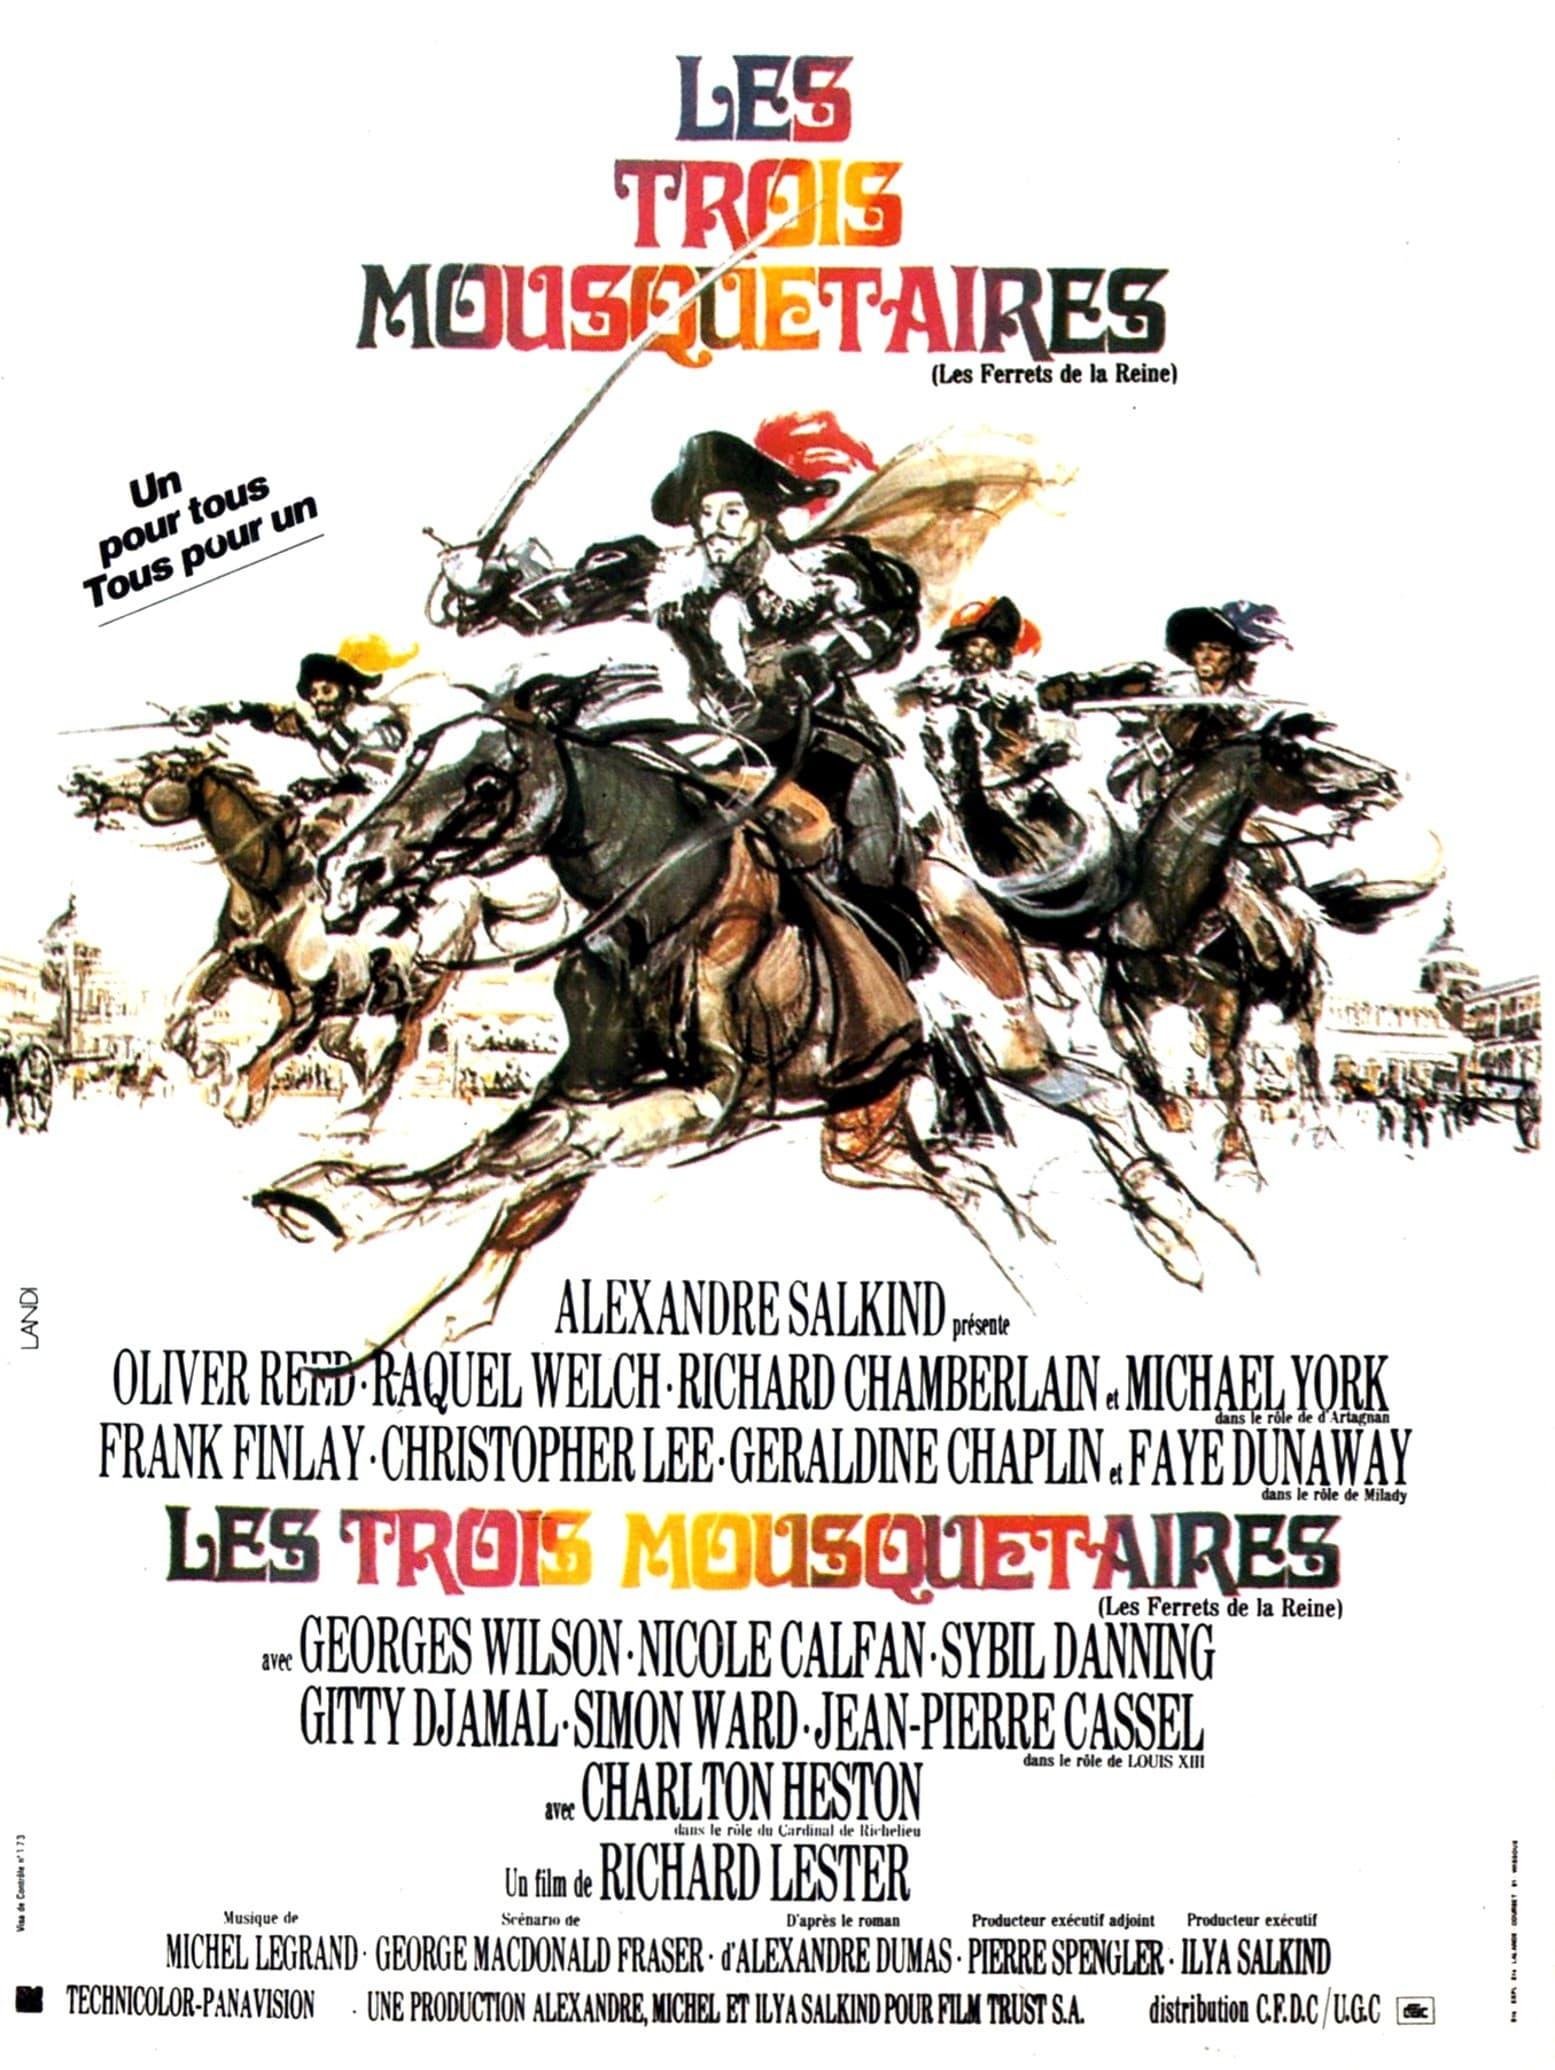 affiche du film Les trois mousquetaires (1973)